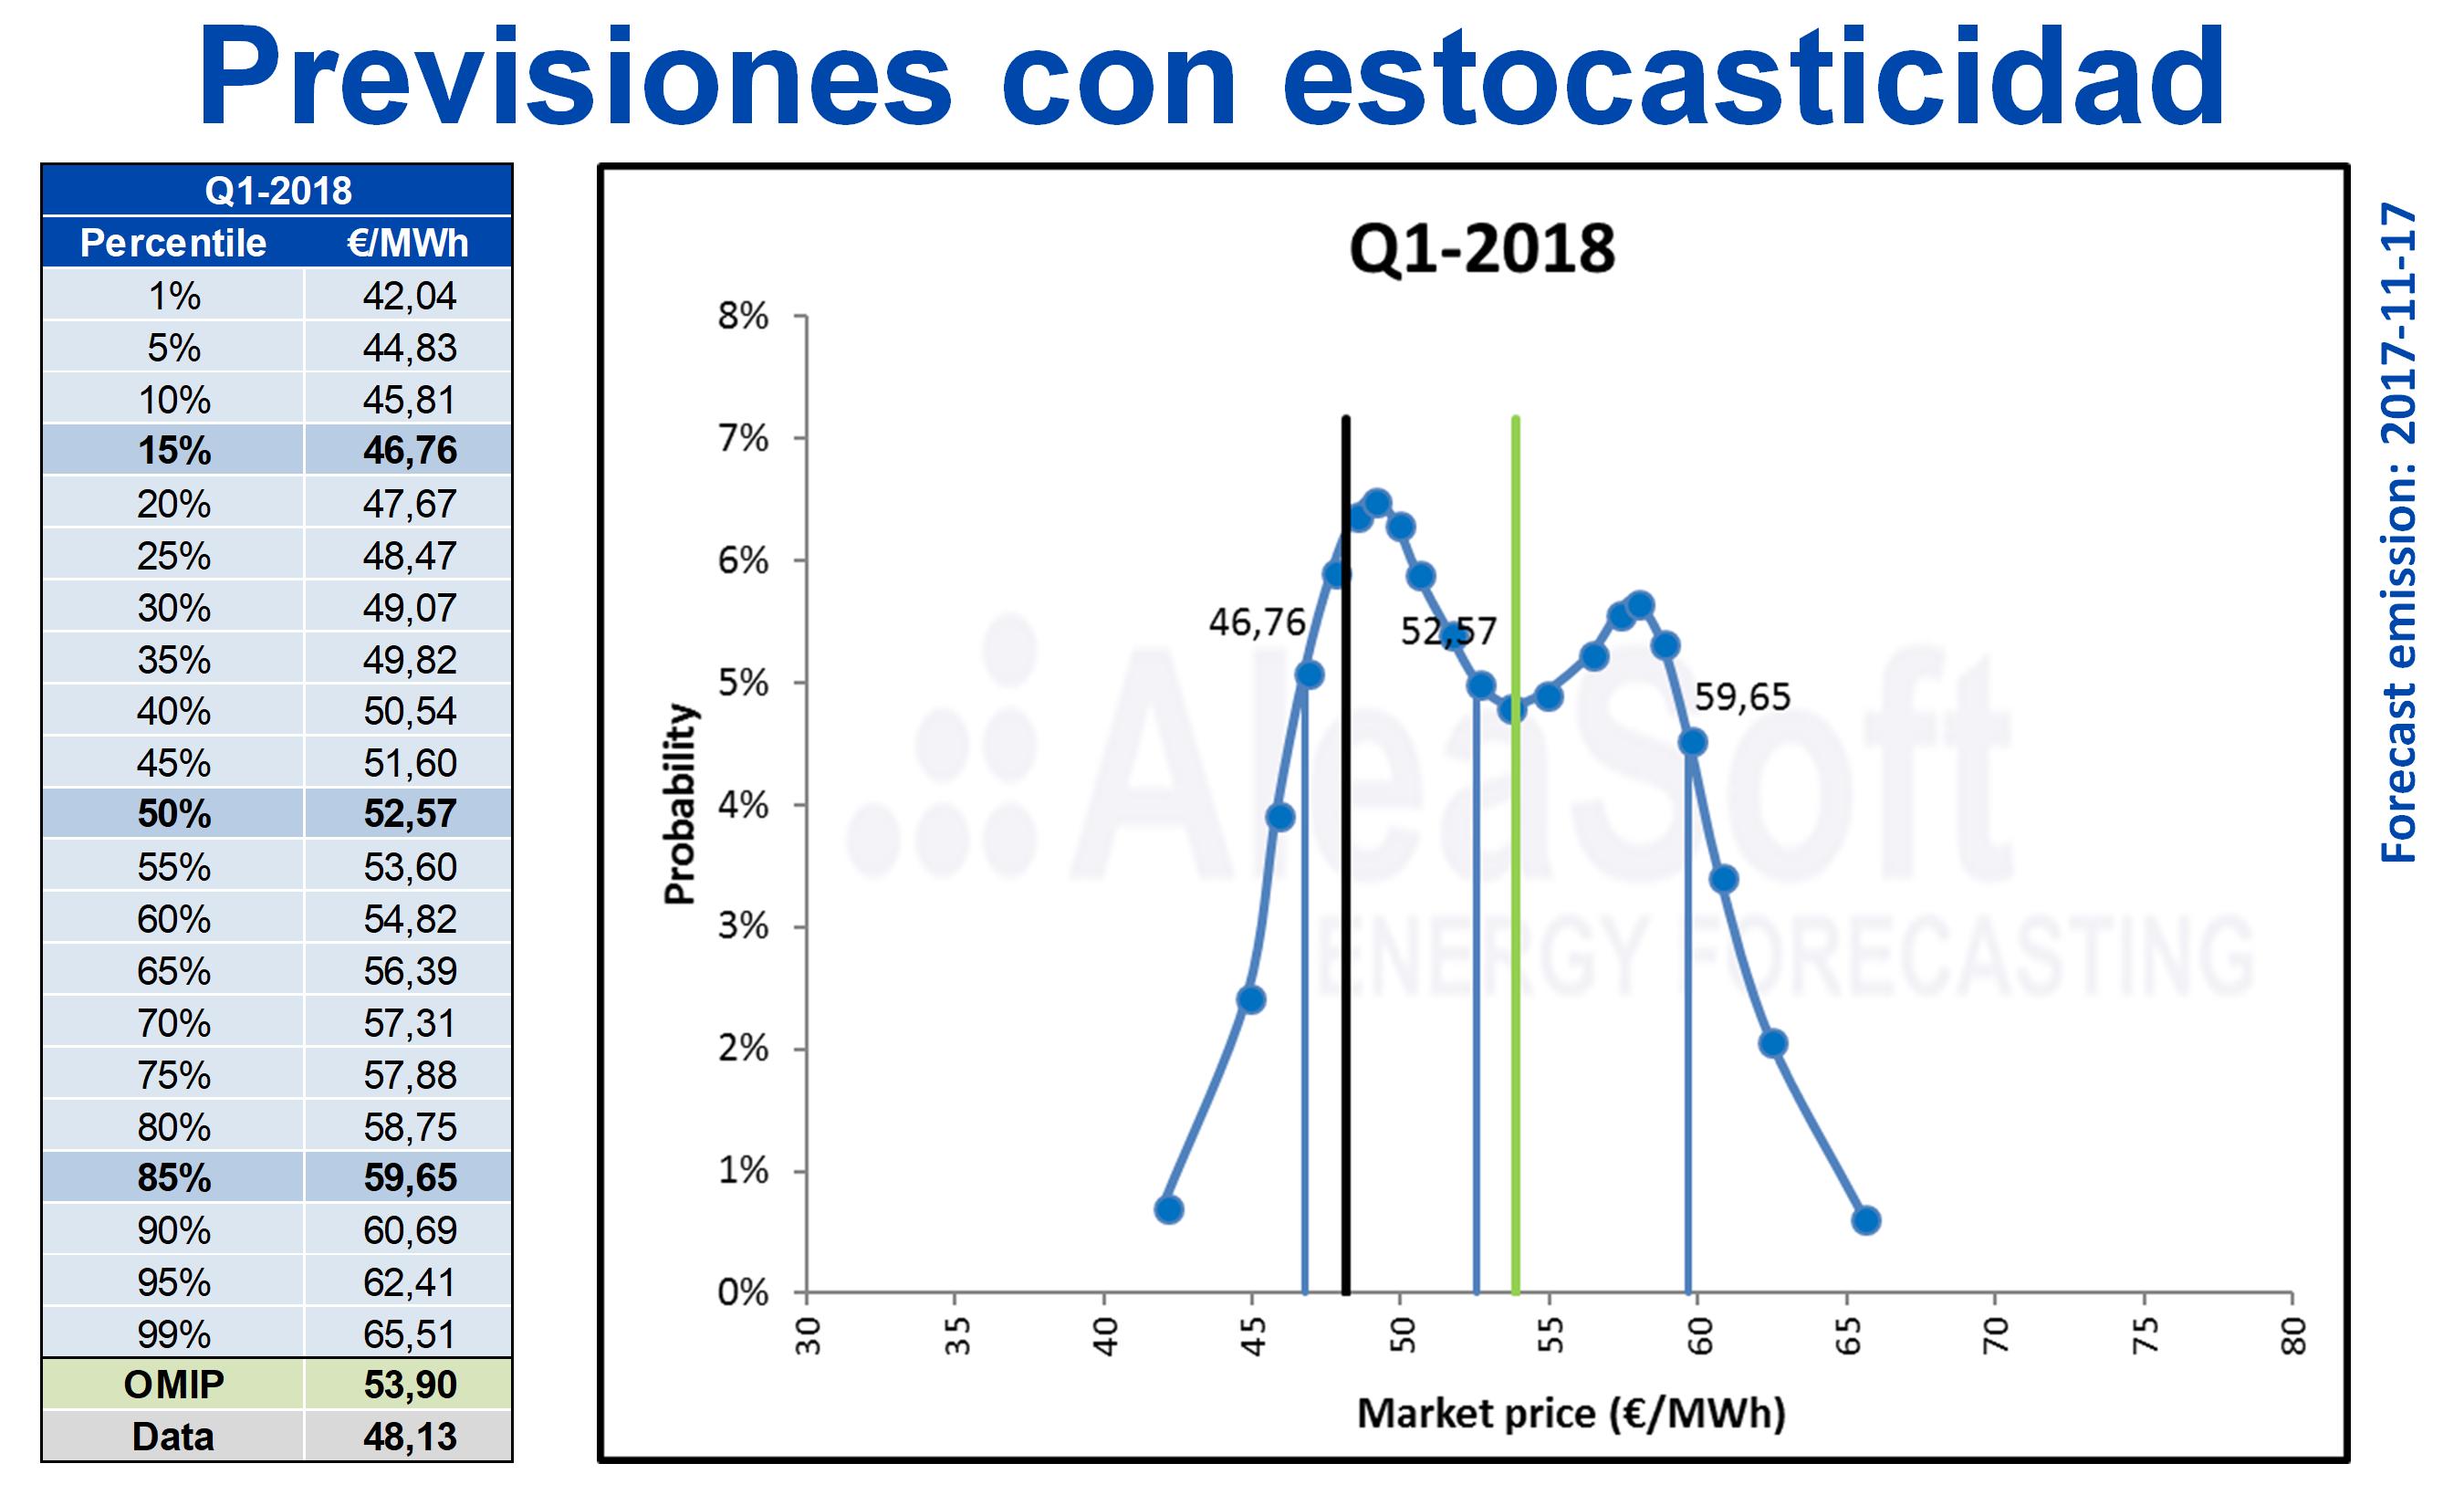 AleaSoft - Estocasticidad de previsiones de precios de electricidad